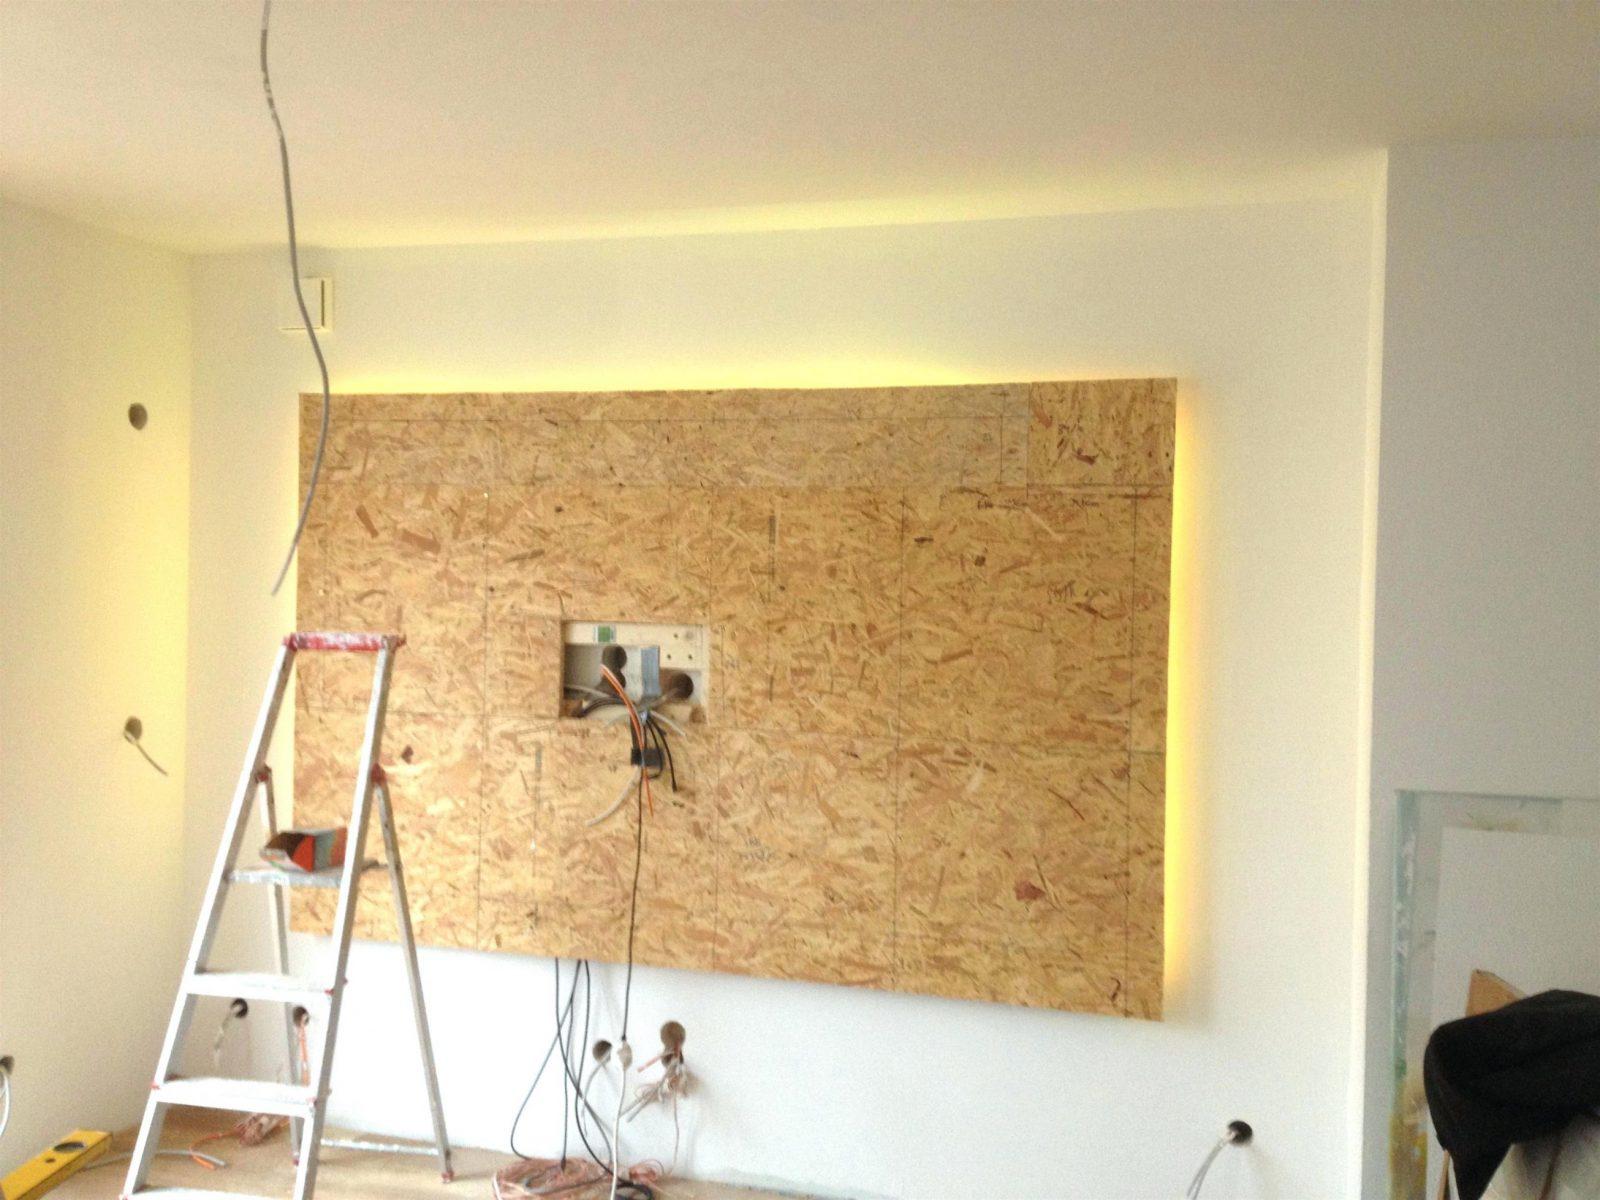 Indirekte Beleuchtung Wand Wohnzimmer von Indirekte Beleuchtung Selber Bauen Wand Photo